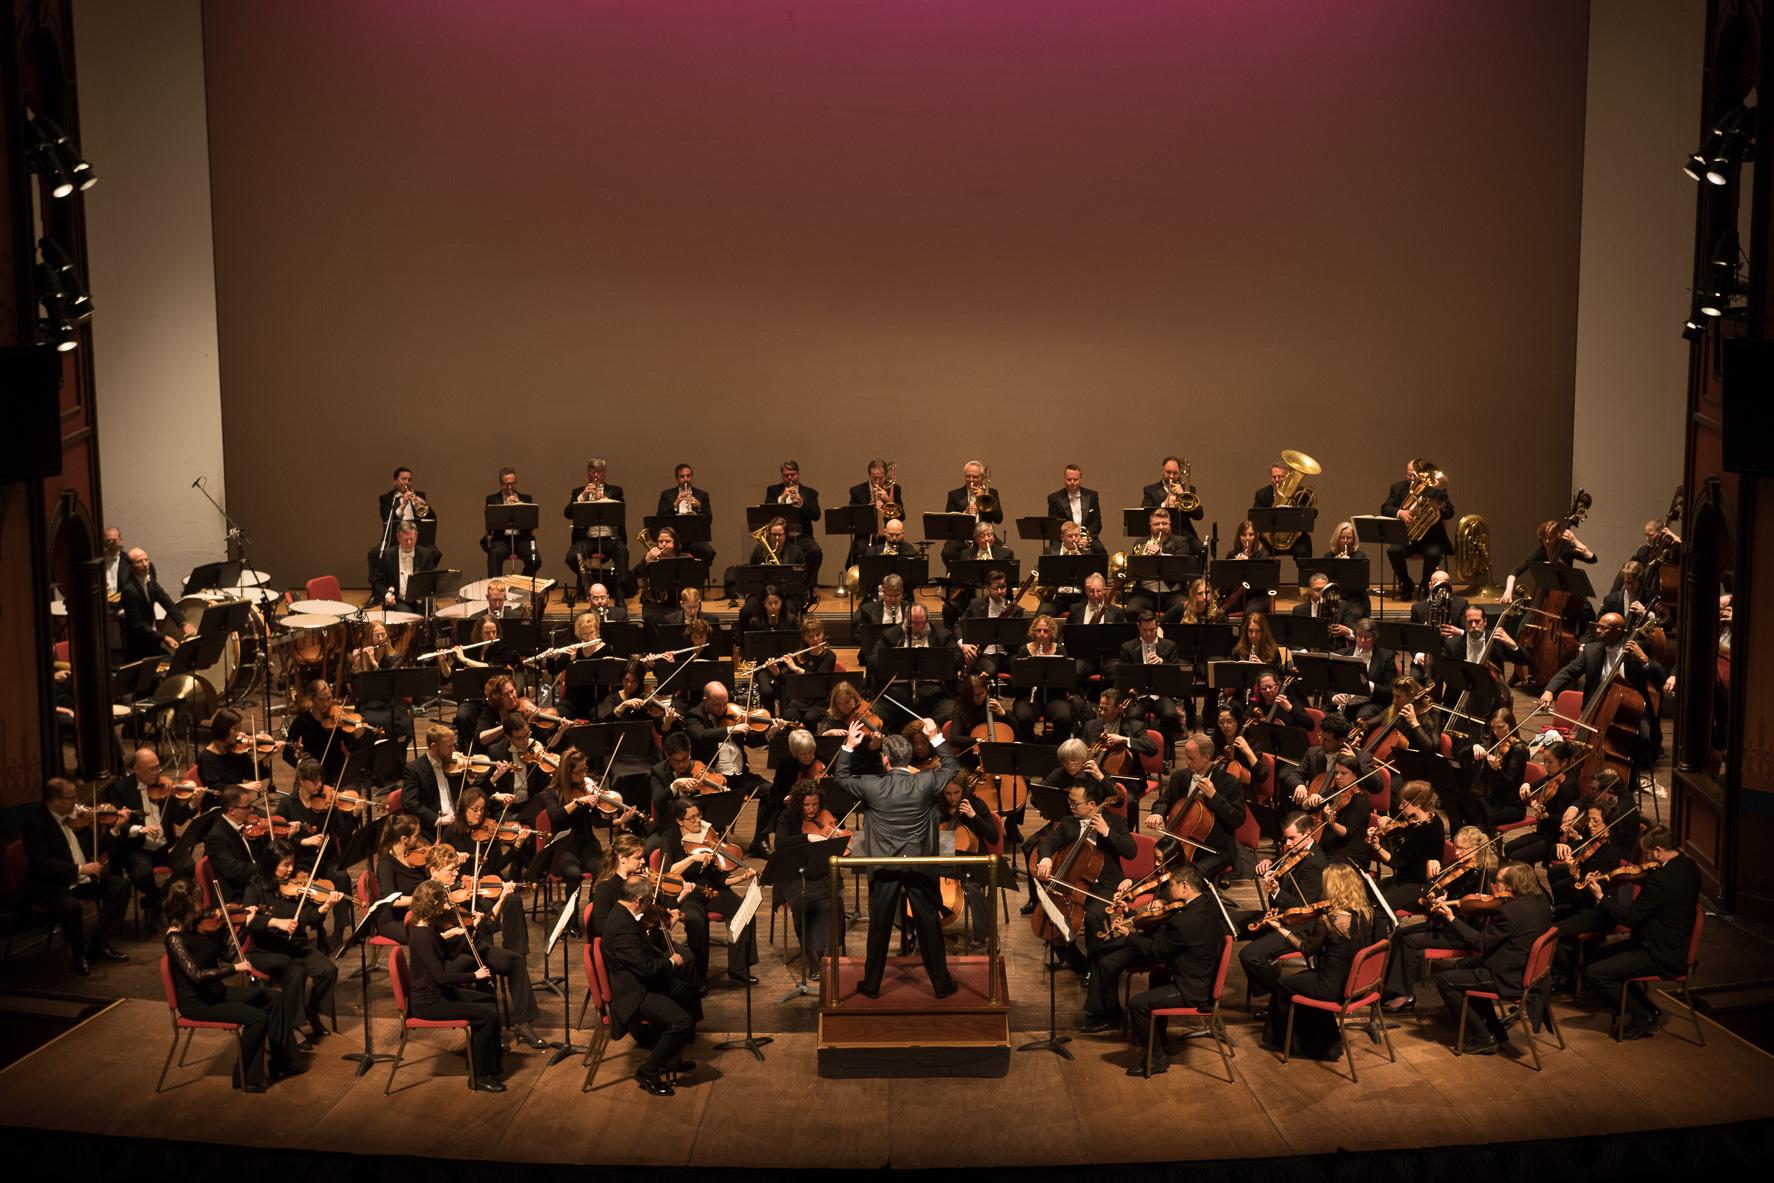 Delaware Symphony Orchestra, David Amado, Conductor. Photo by Joe del Tufo, Moonloop Photography